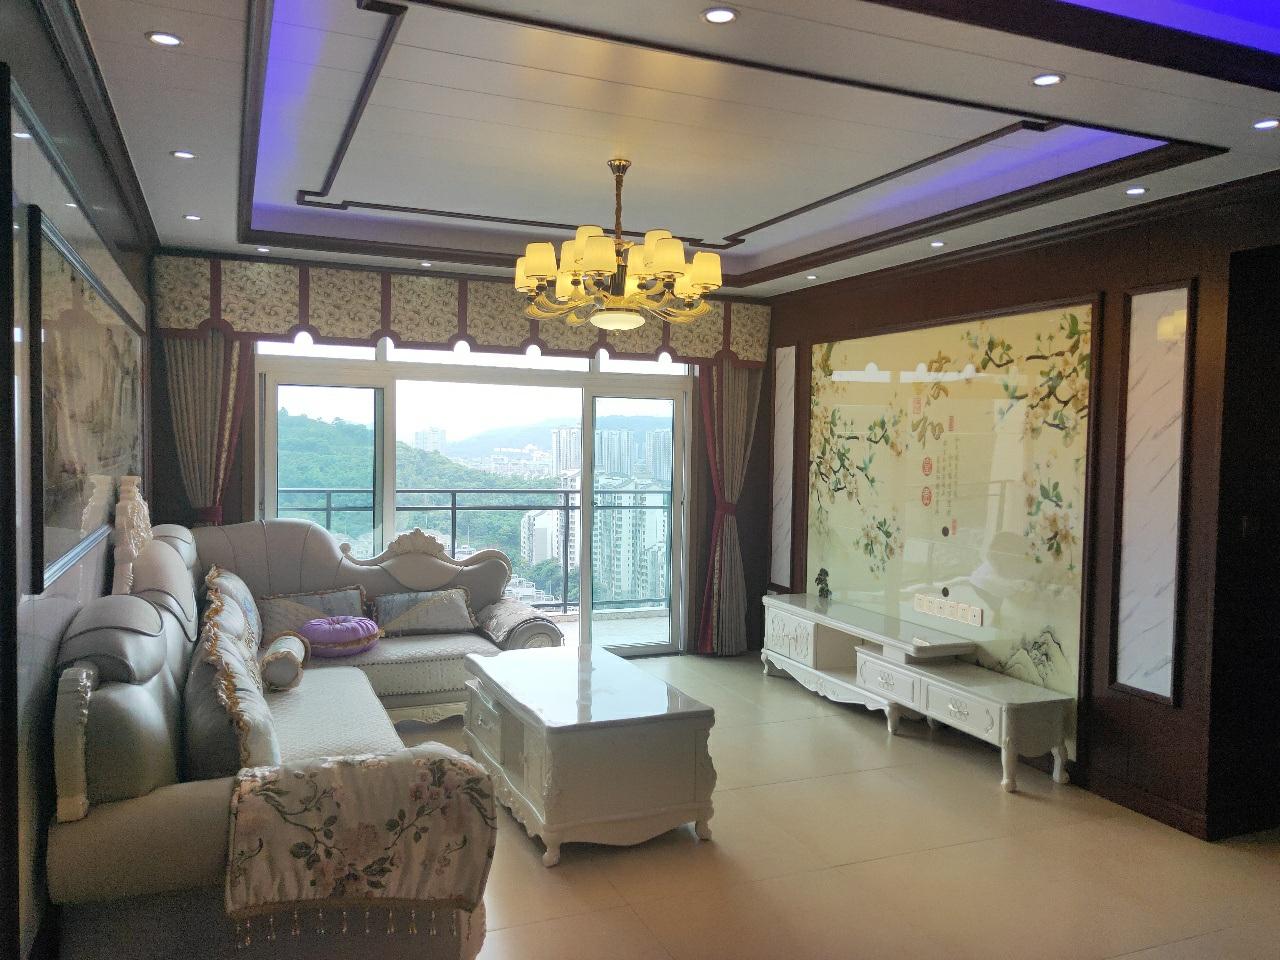 蓝湖丽都 精装 3室 2厅 2卫66万元